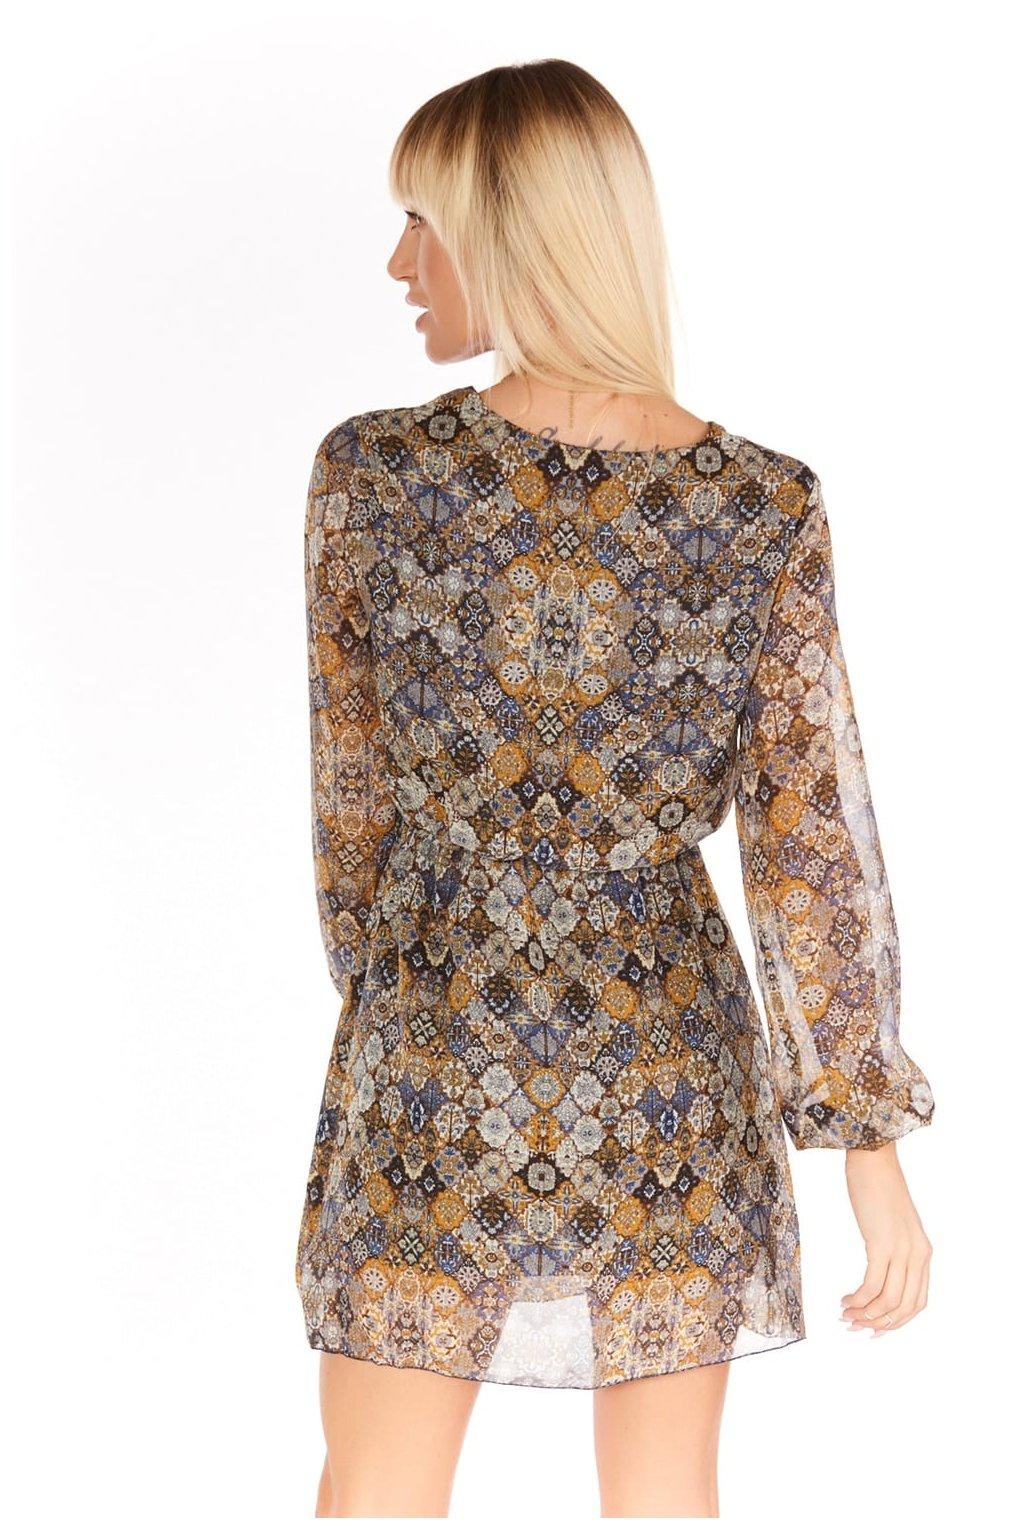 Jarní mini šaty Fasardi barevné se vzorem